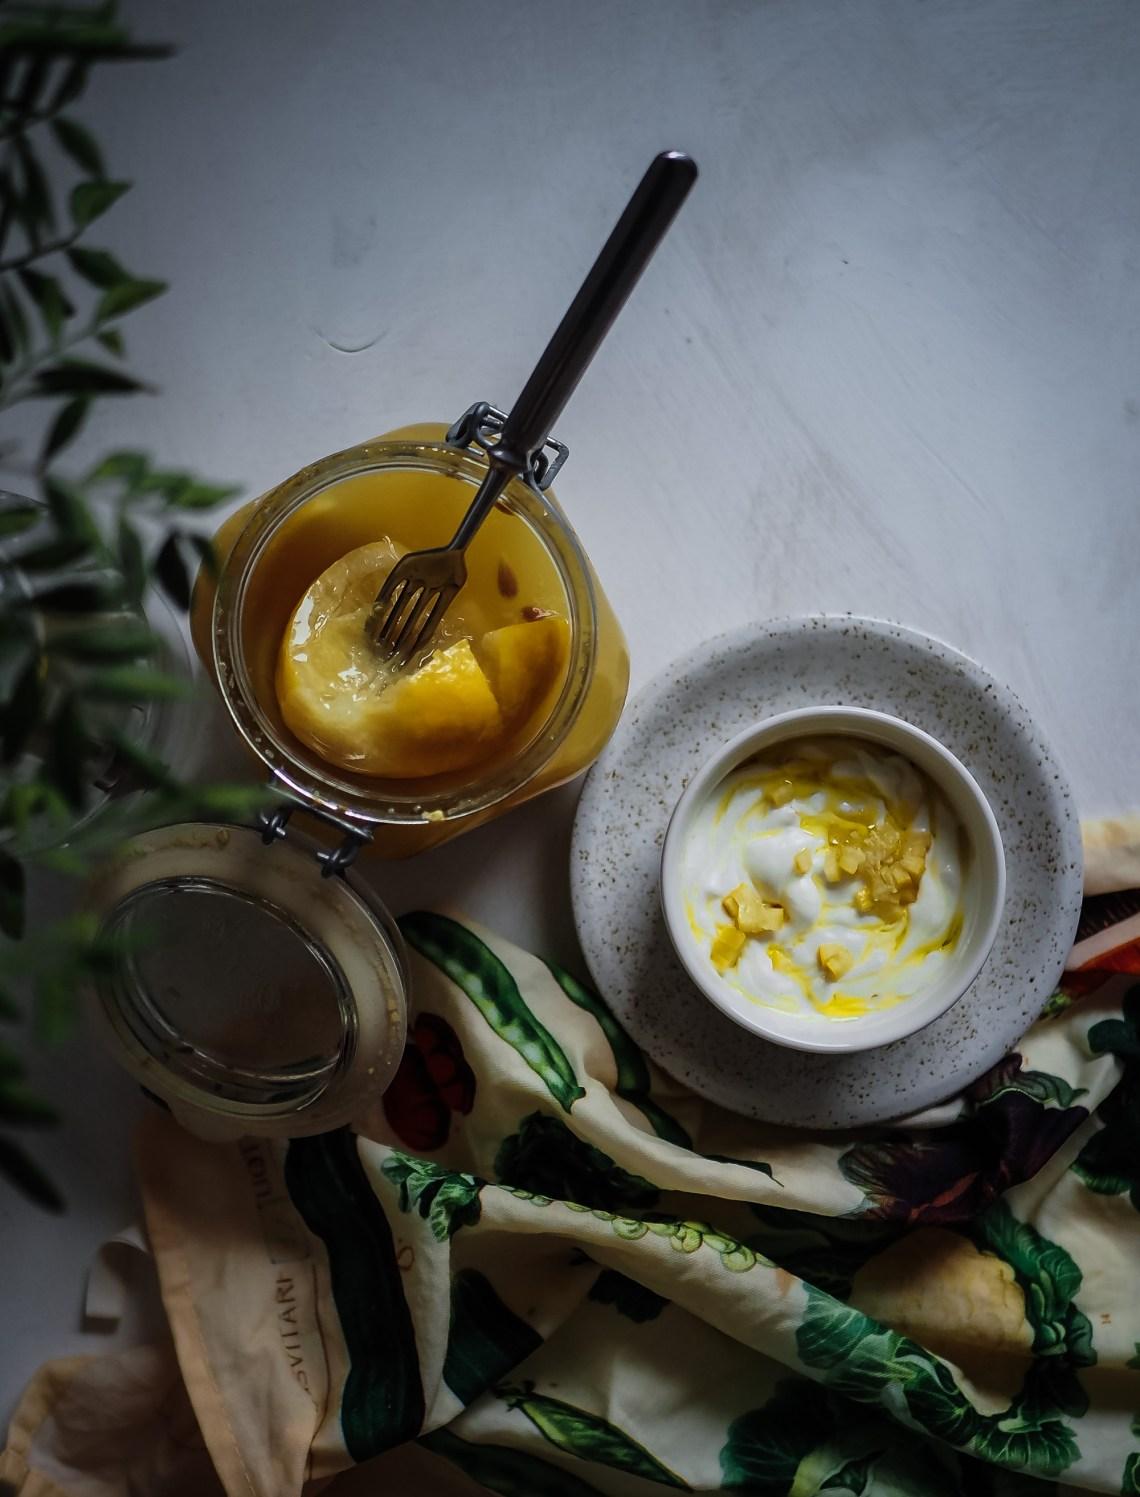 säilötty sitruuna